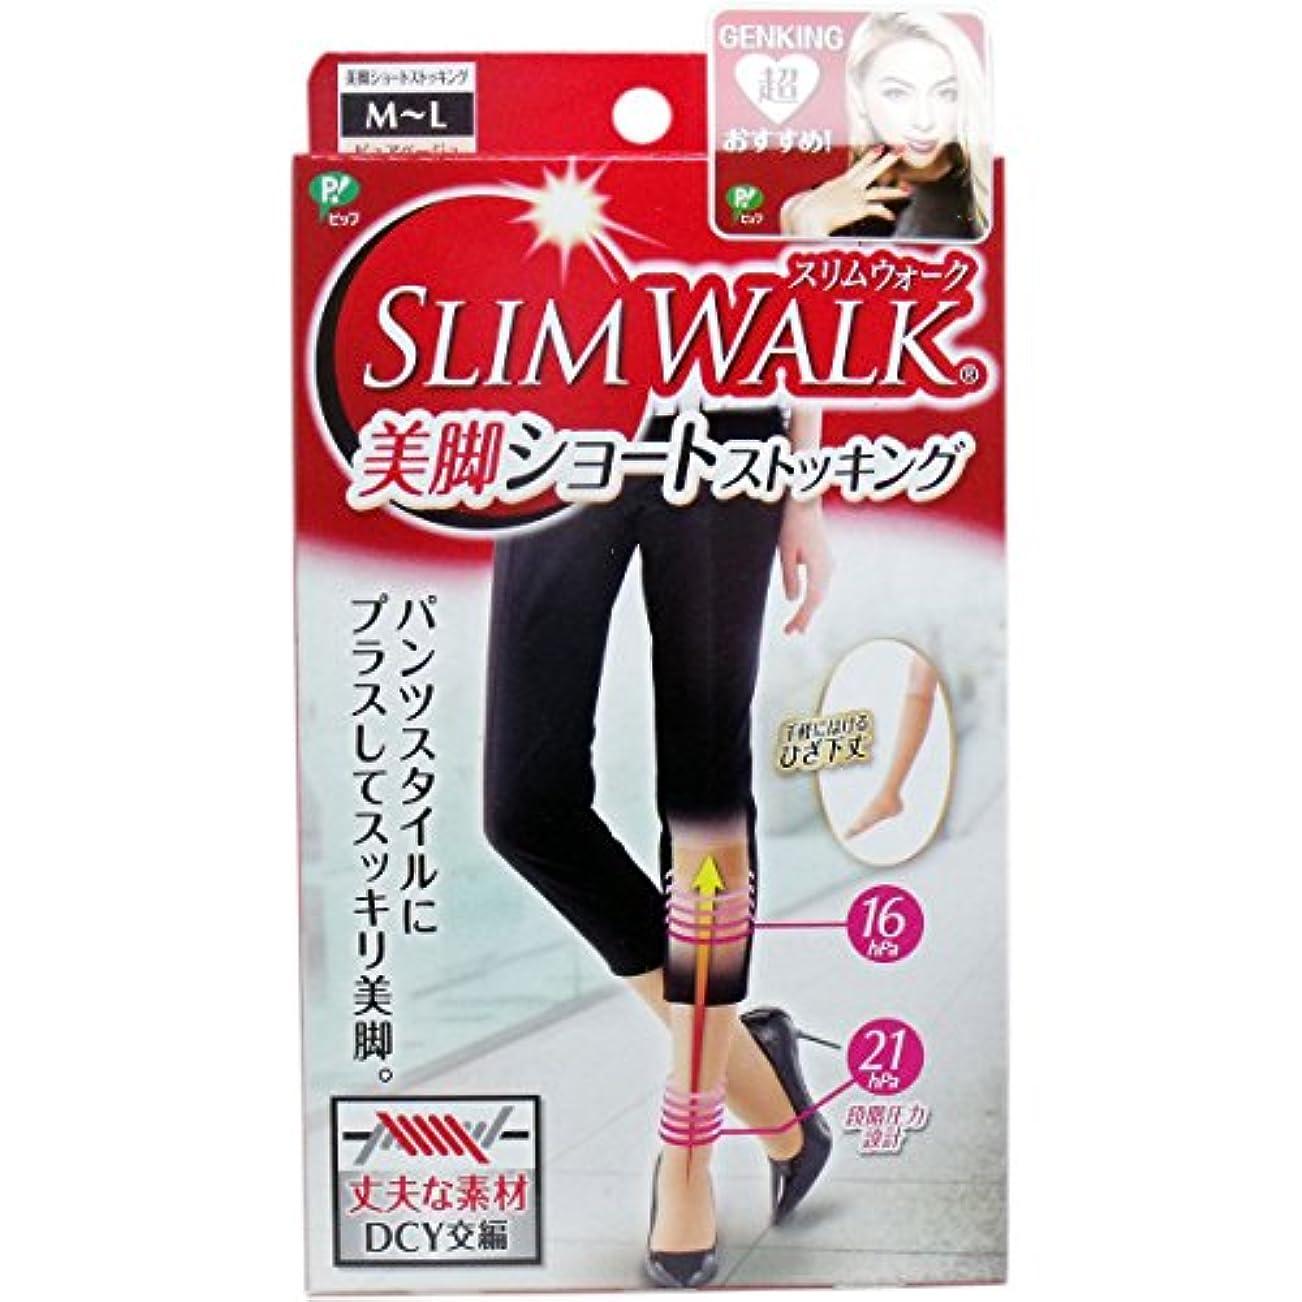 (ピップ)スリムウォーク 美脚ショートストッキング M~Lサイズ ピュアベージュ 1足(お買い得2個セット)